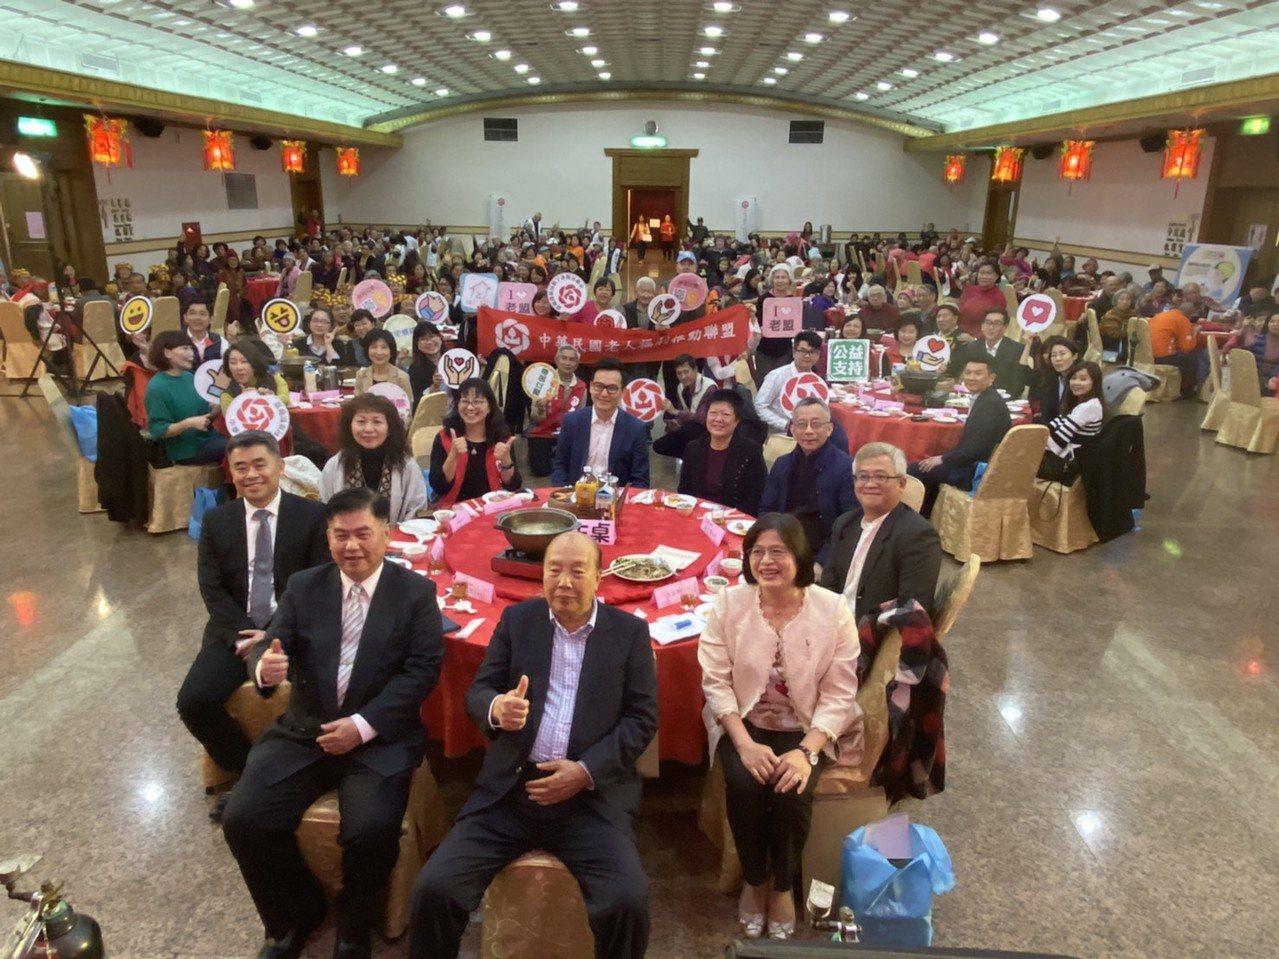 中華民國老人福利推動聯盟今舉辦「你我一家人,憶起和你吃飯」團圓宴,共席開30桌,...